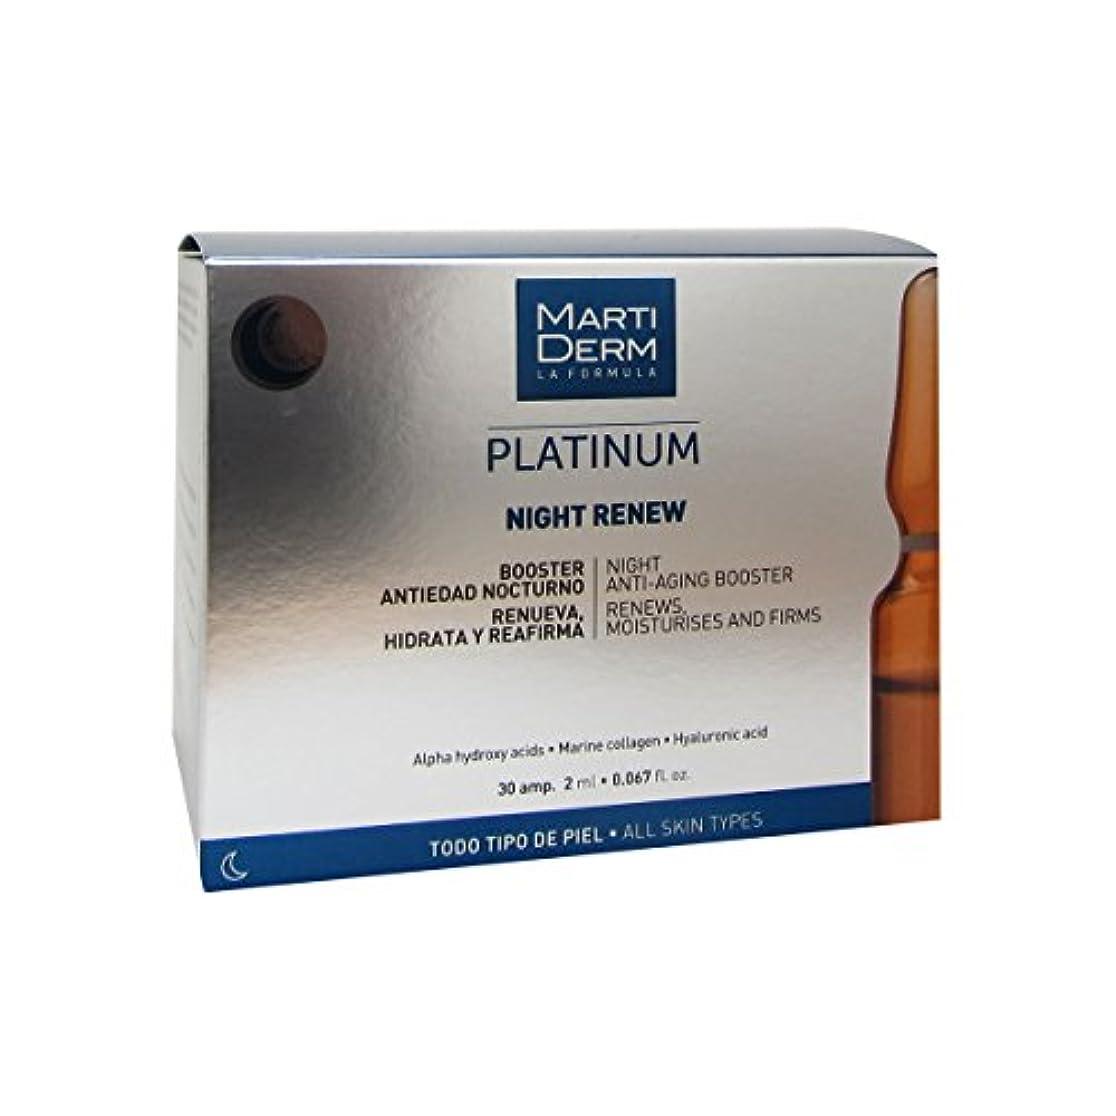 平らな陰気健康的Martiderm Platinum Night Renew Ampoules 30ampx2ml [並行輸入品]